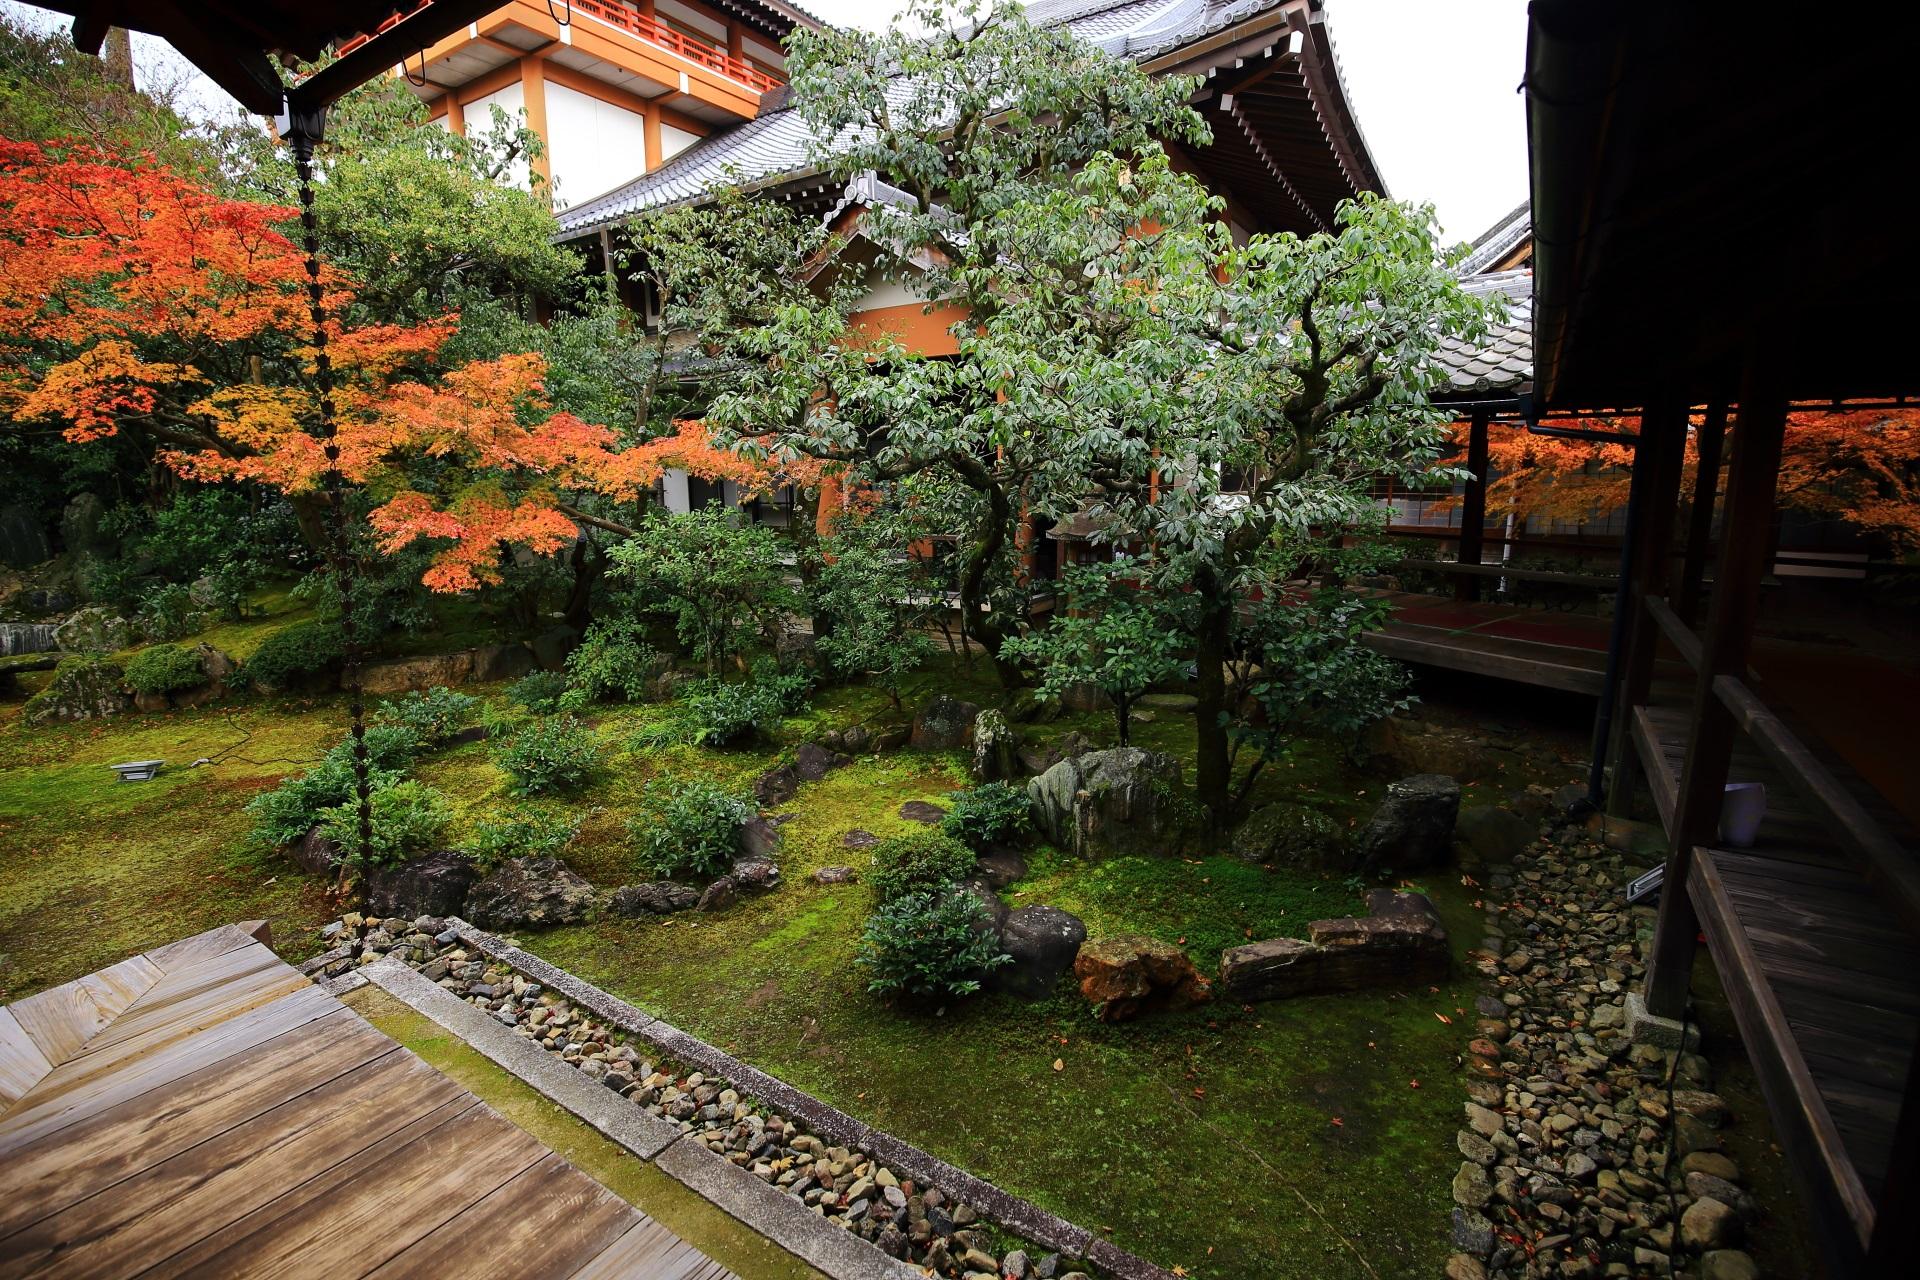 秋色につつまれる巴の庭の回廊に囲まれた苔と岩の築山